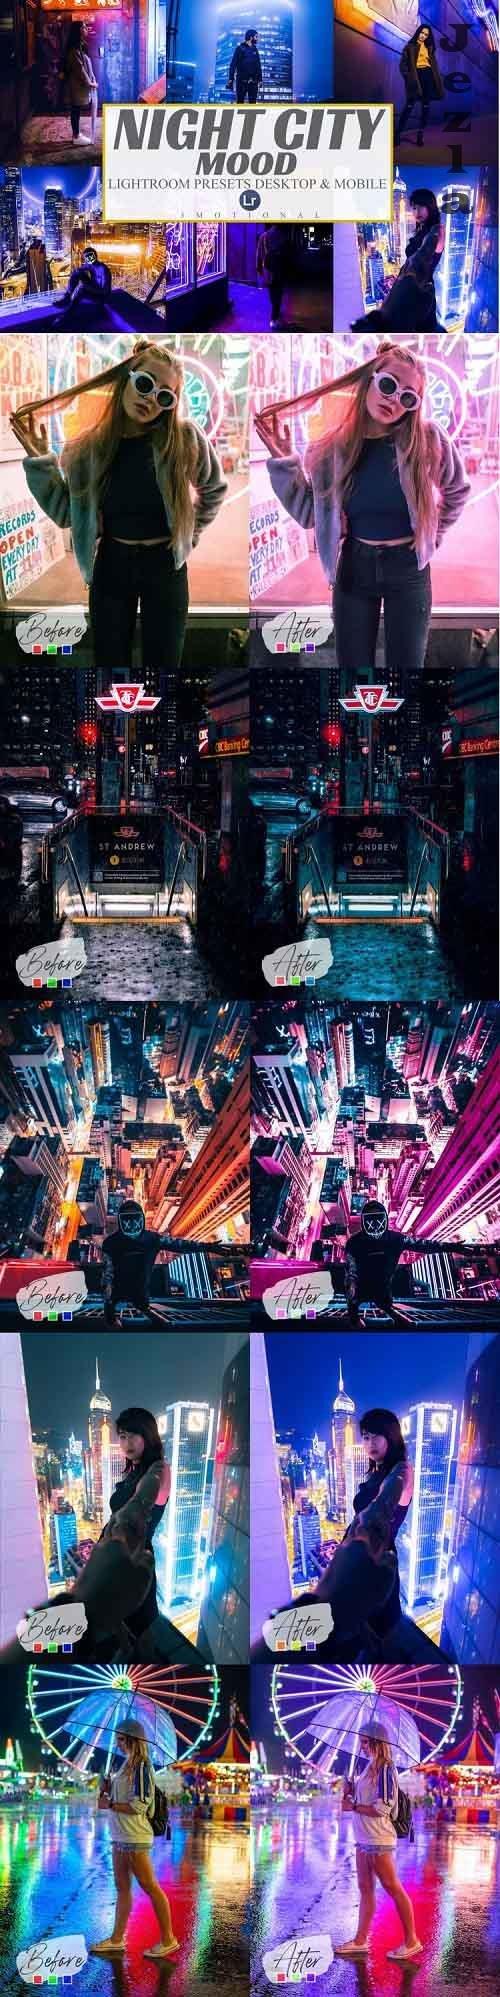 7 Night City Mood Mobile And Desktop Lightroom Presets - 1003383